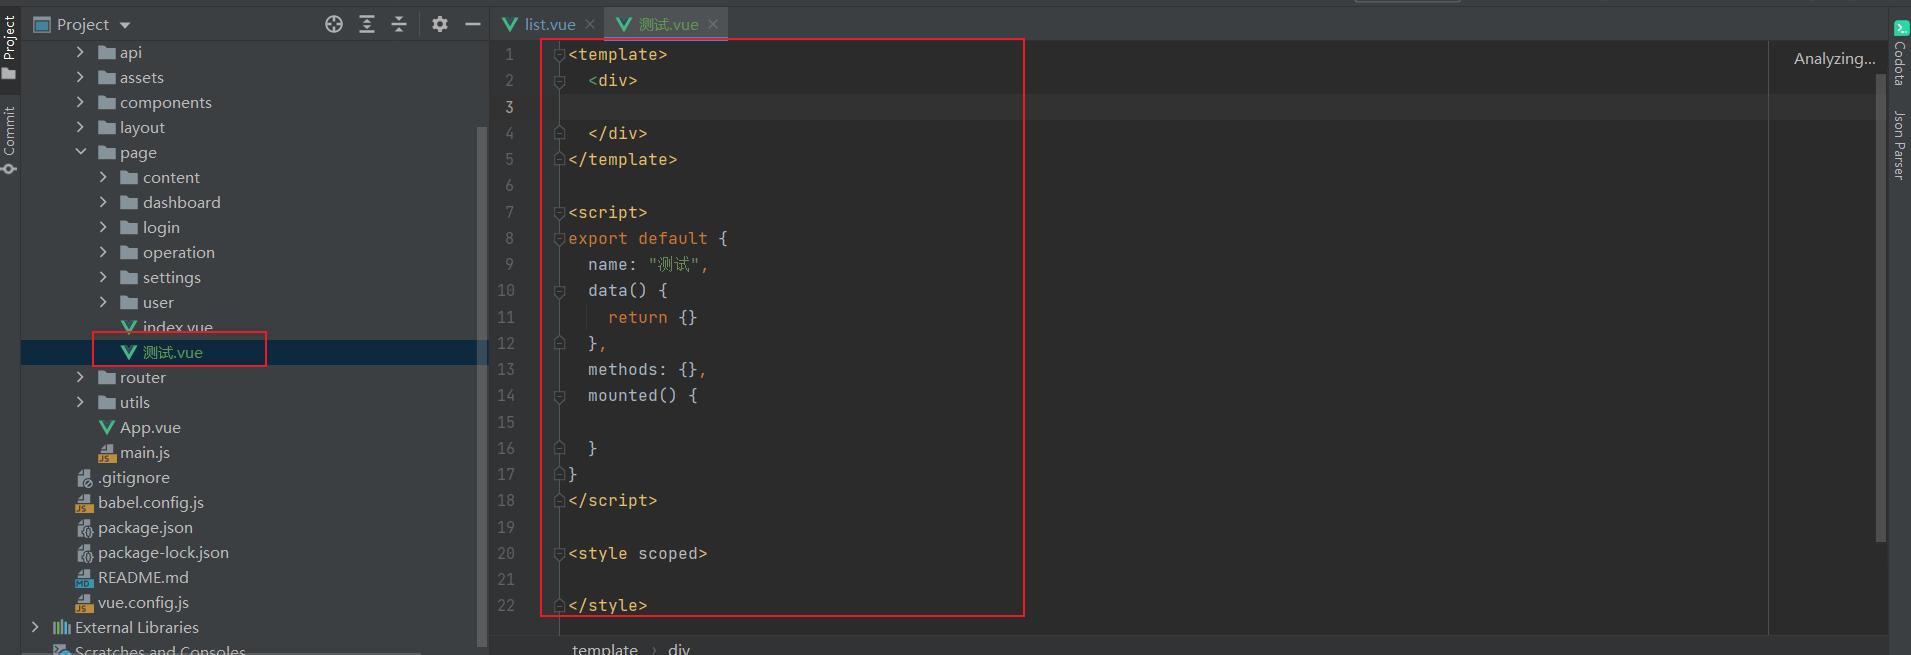 webstrom创建vue文件的时候自动按照vue模板创建